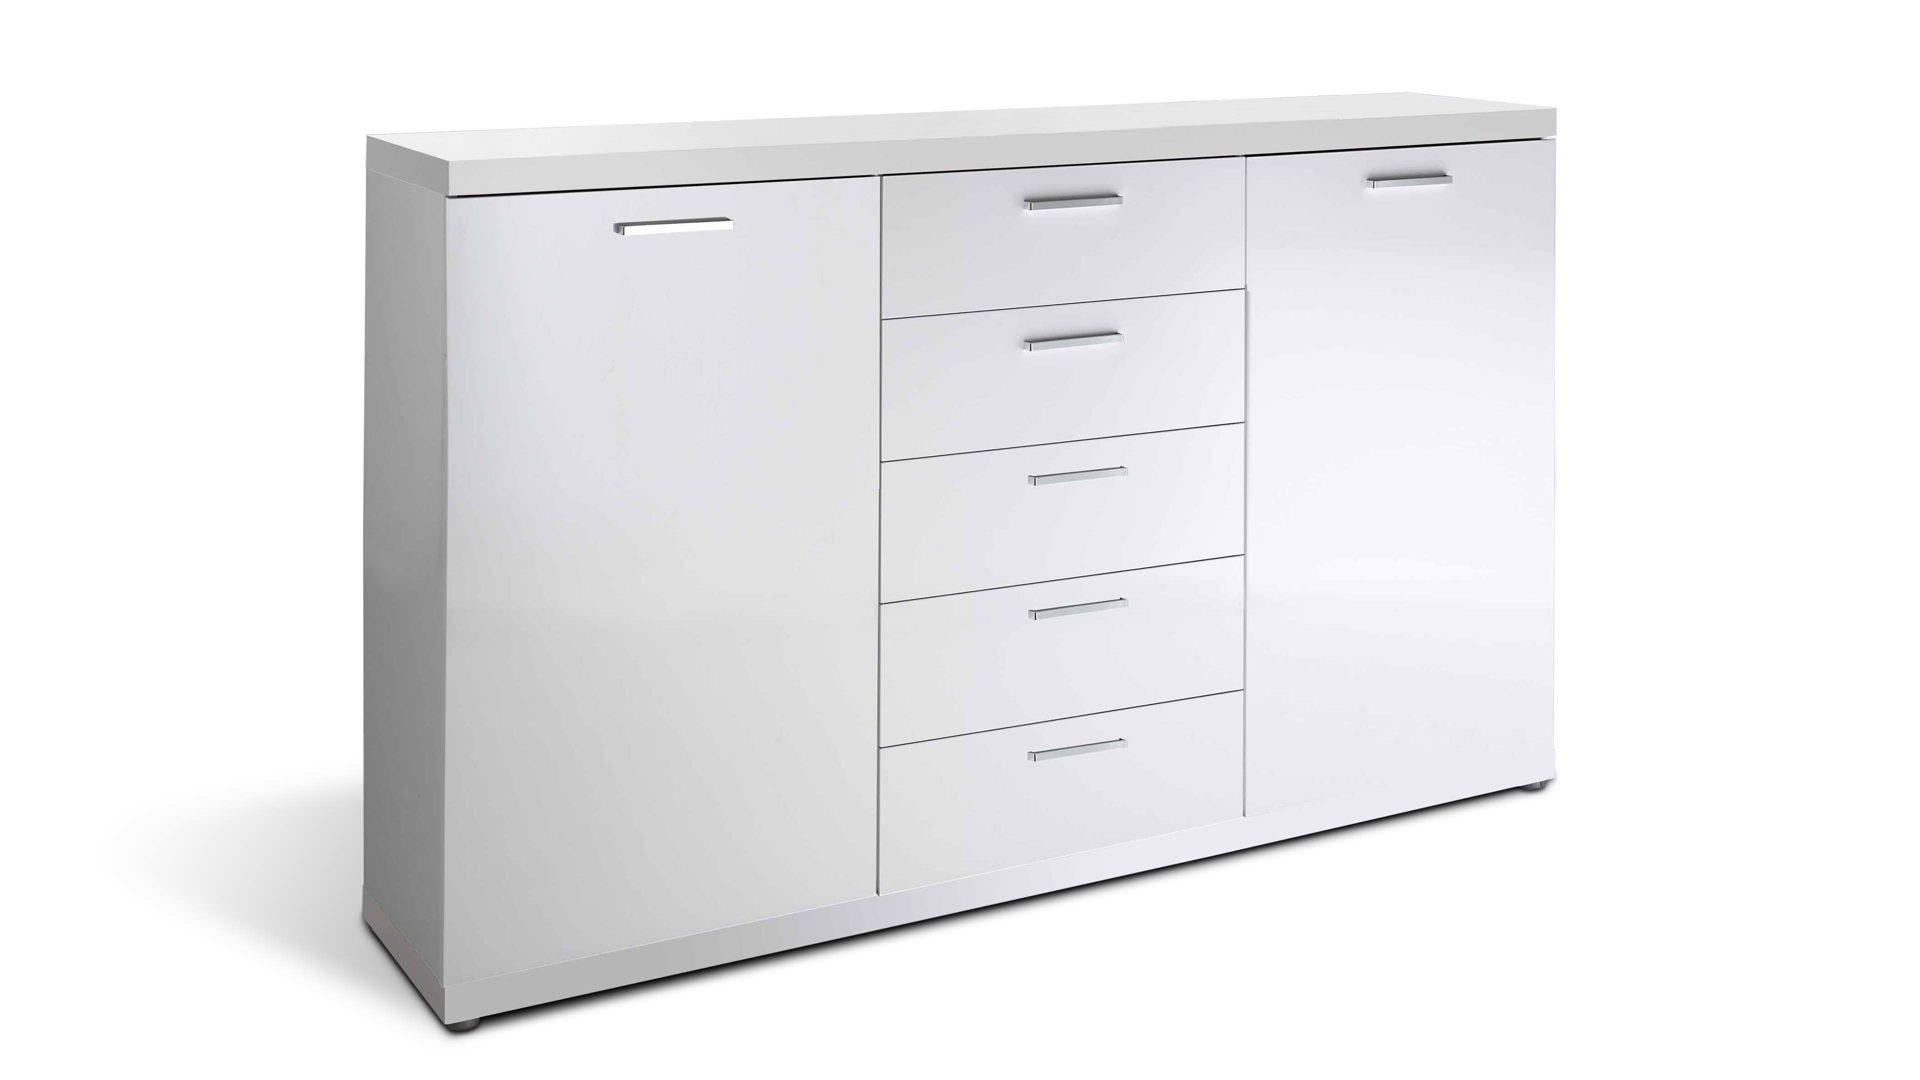 Sideboard Hmw MÖbel Aus Holz Kunststoff In Weiß Sideboard Space Als Kommode  Mit Praktischem Stauraum Weiße